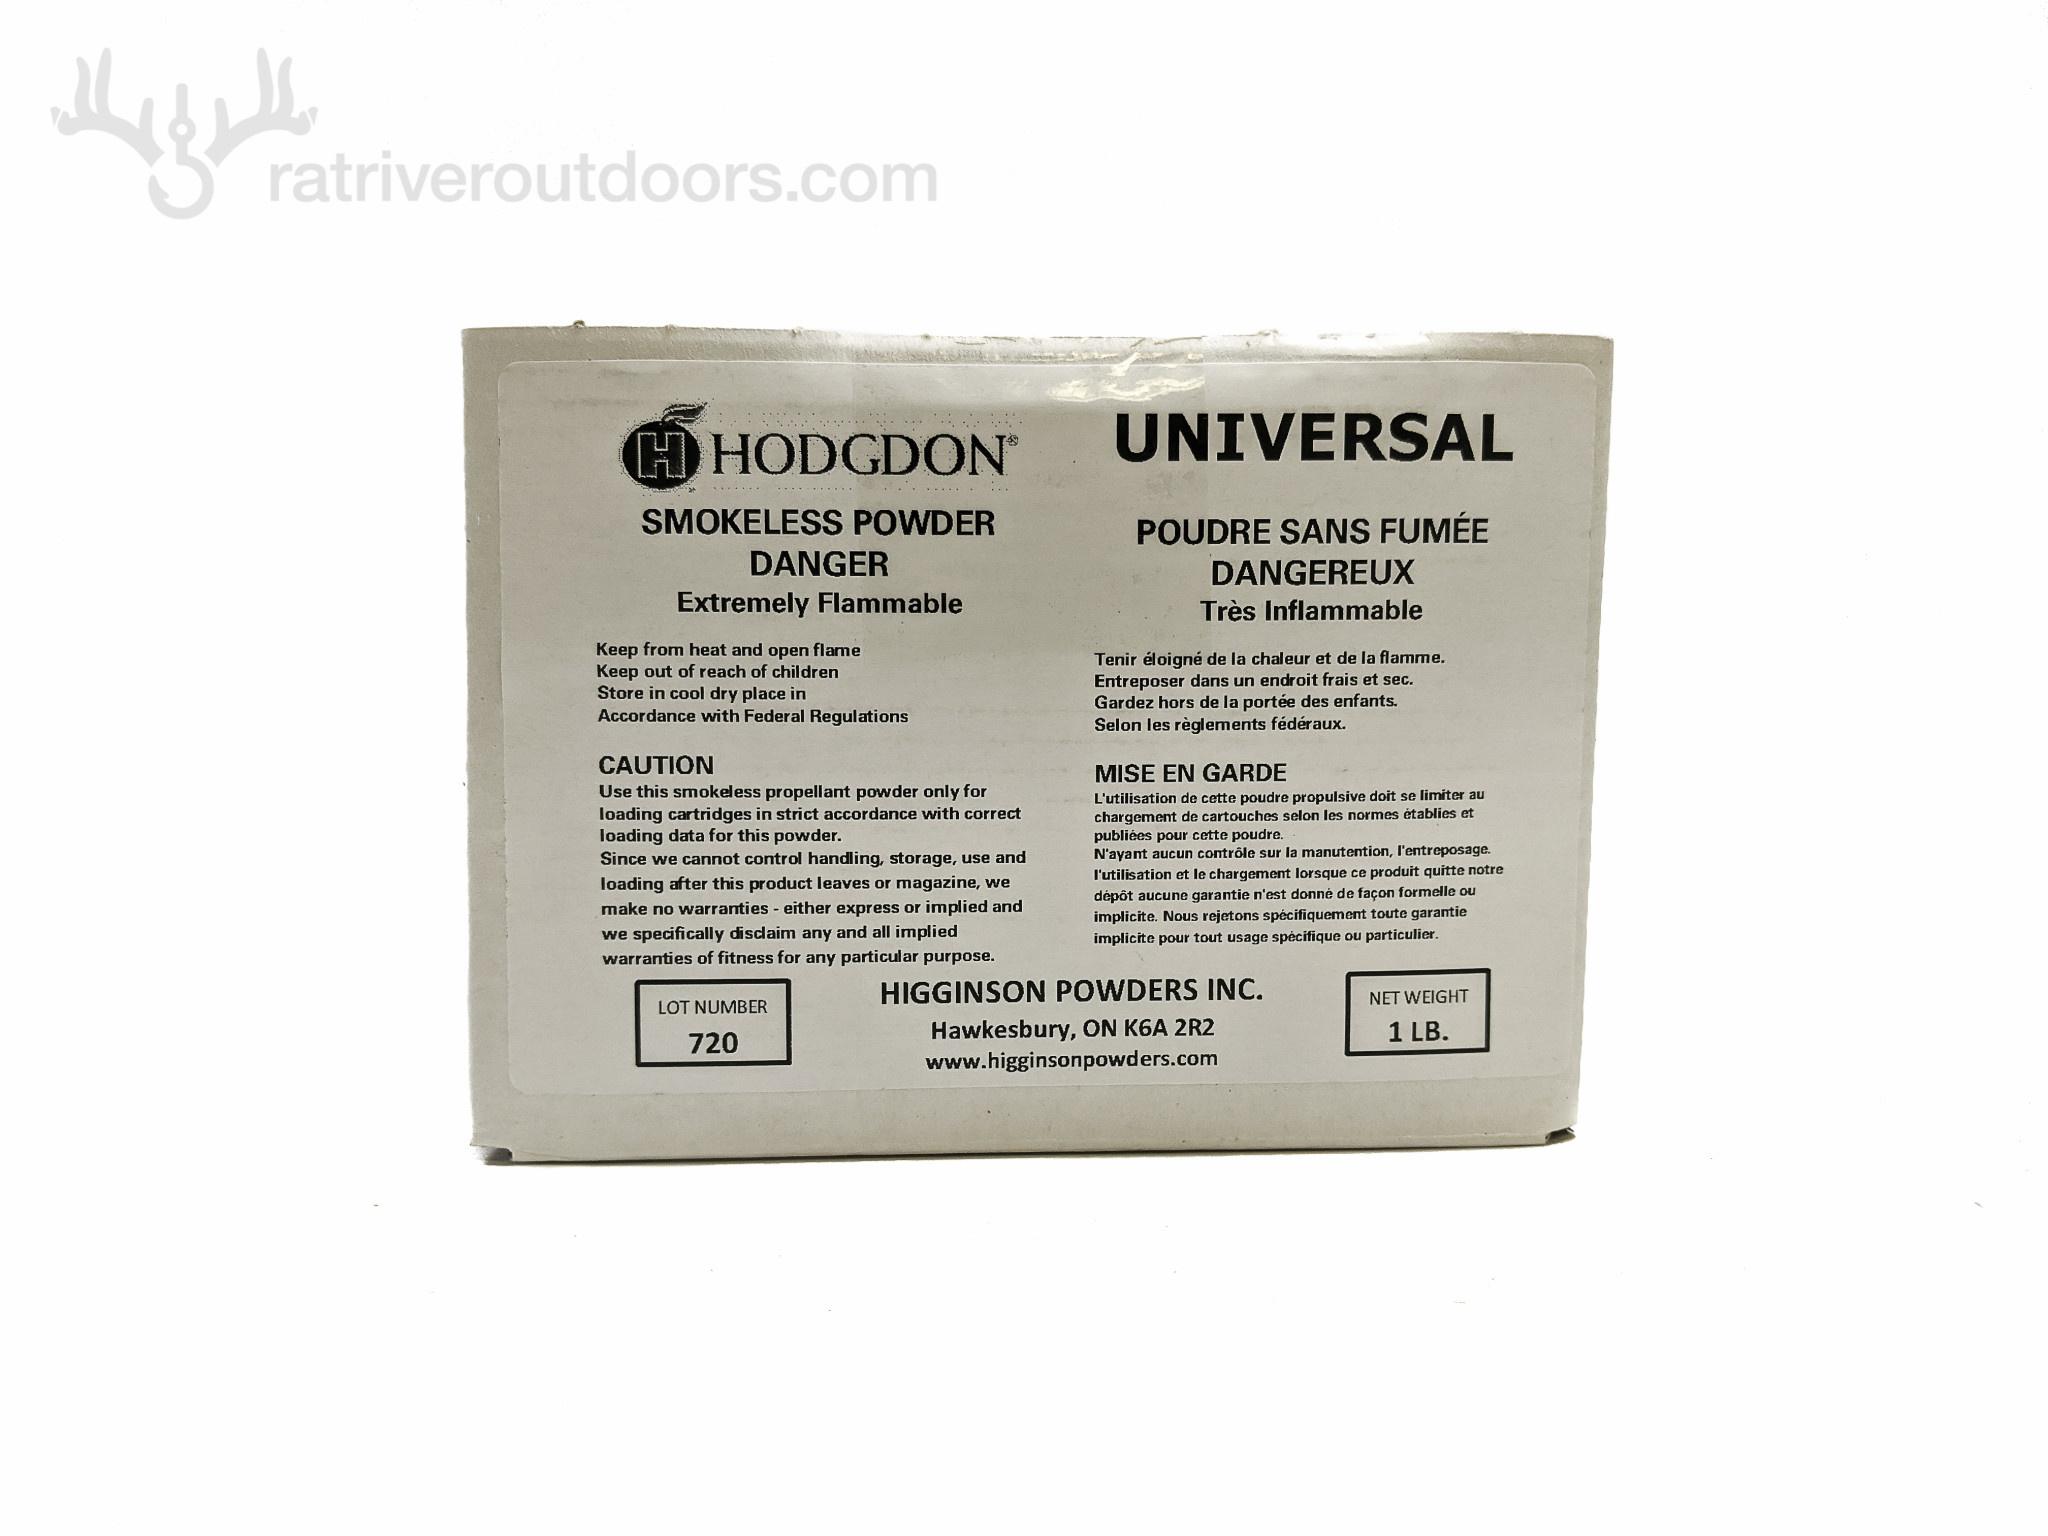 Hodgdon Universal Powder 1lb (boxed)